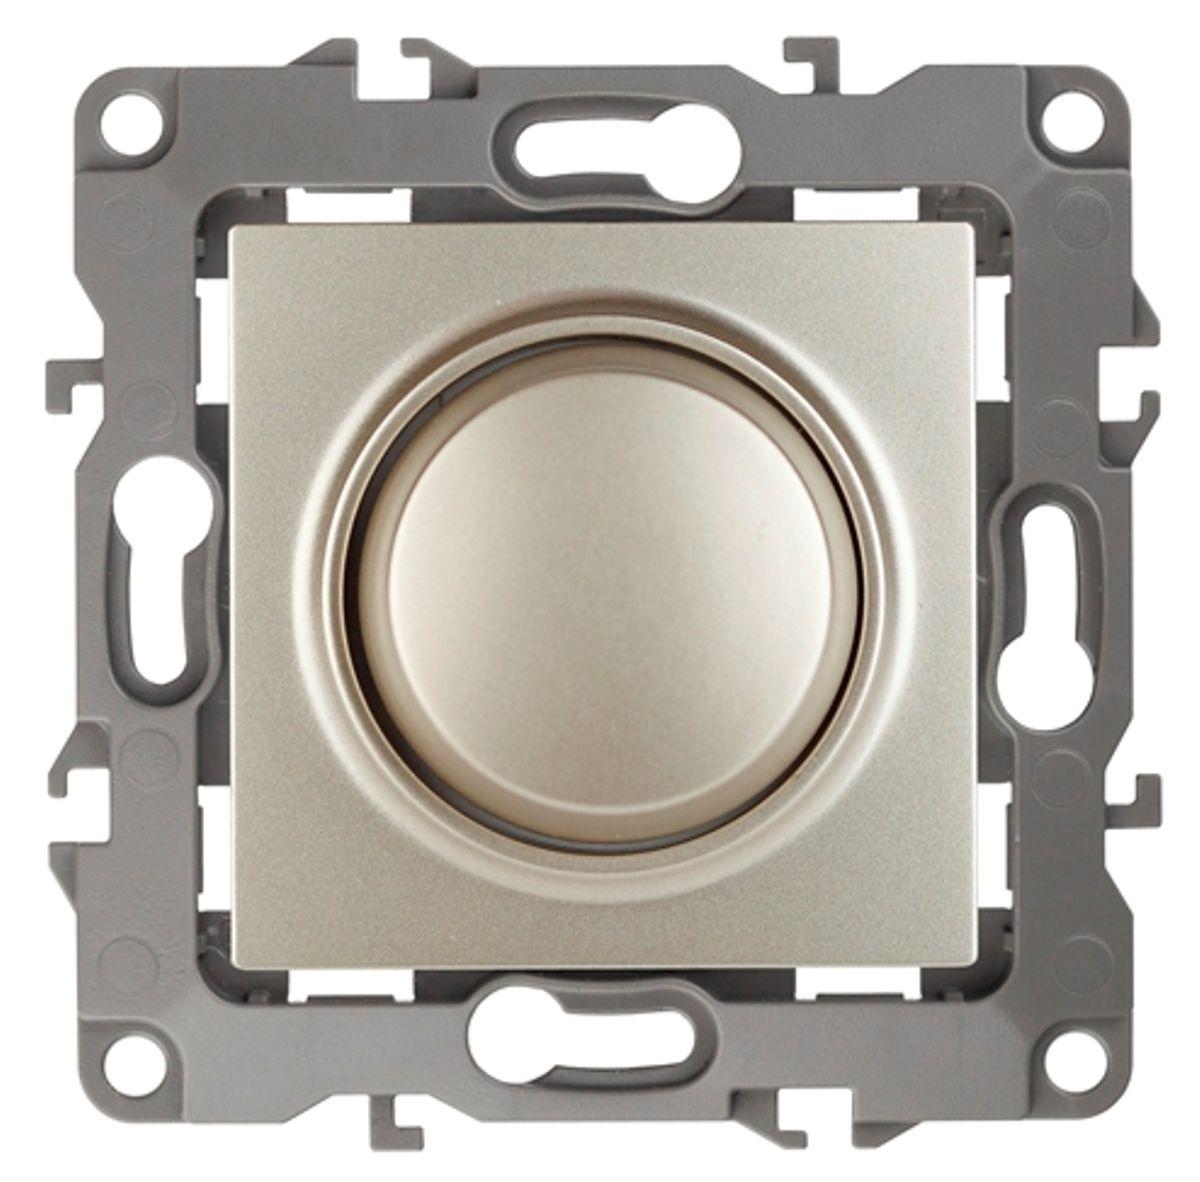 """Светорегулятор поворотно-нажимной """"ЭРА"""", цвет: шампань, серый. 12-4101 12-4101-04"""